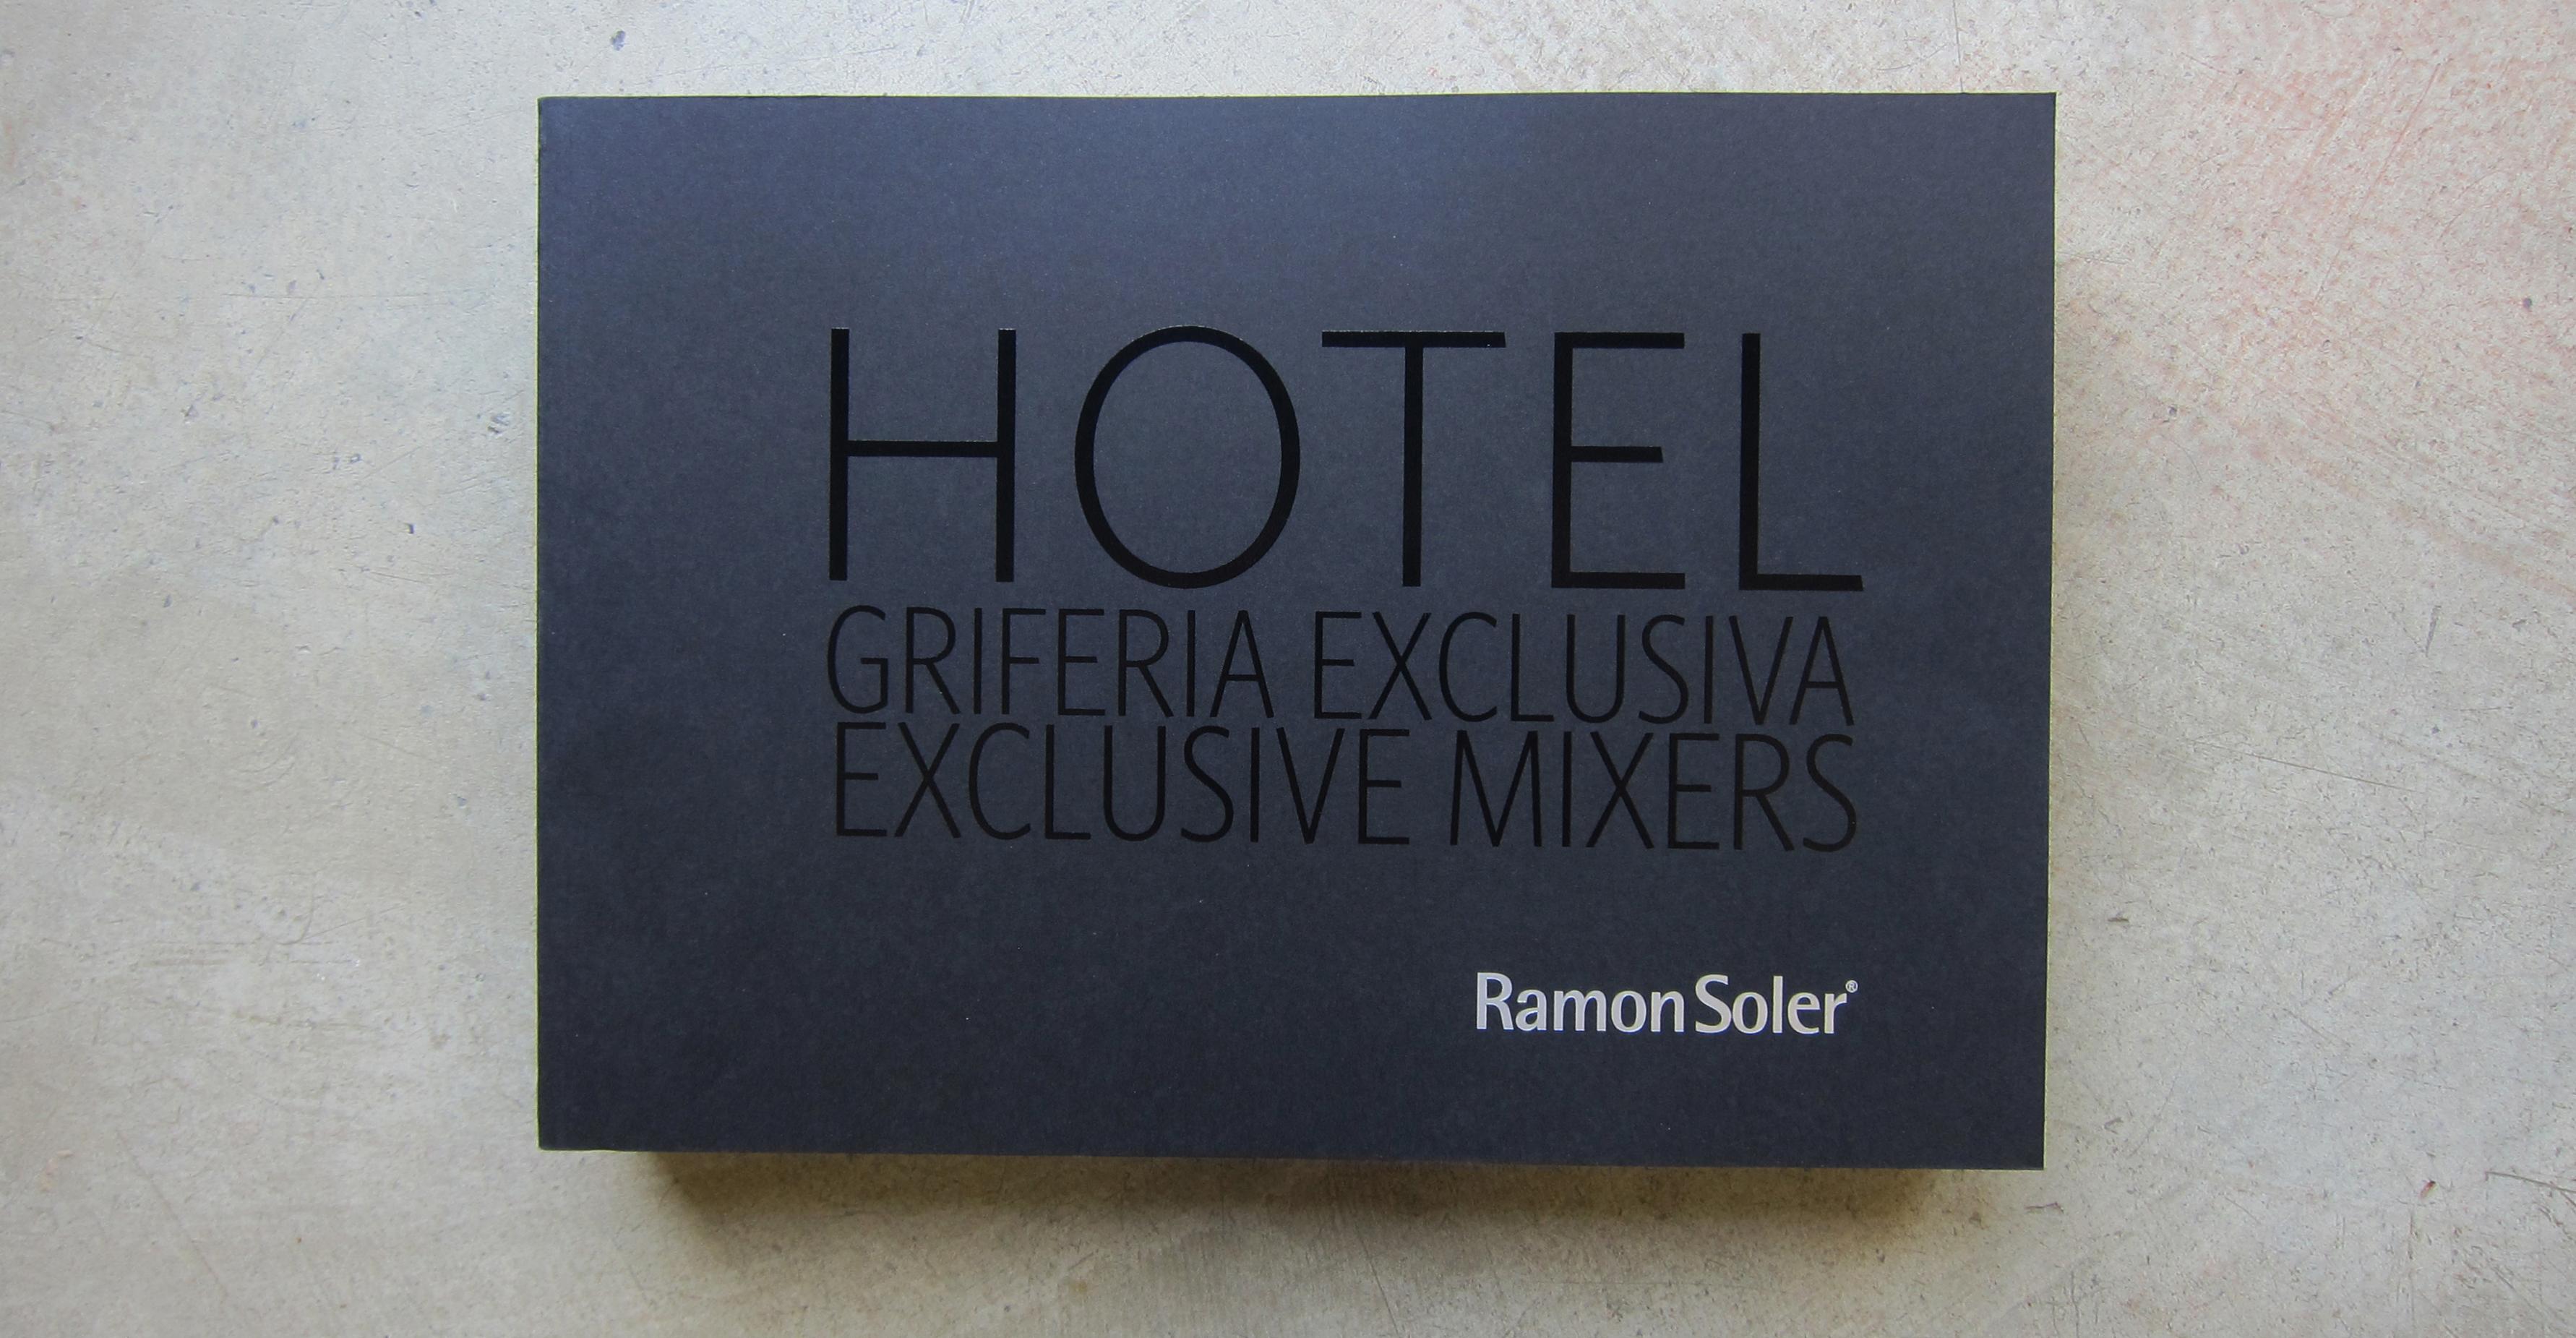 catálogo griferia hoteles ramon soler